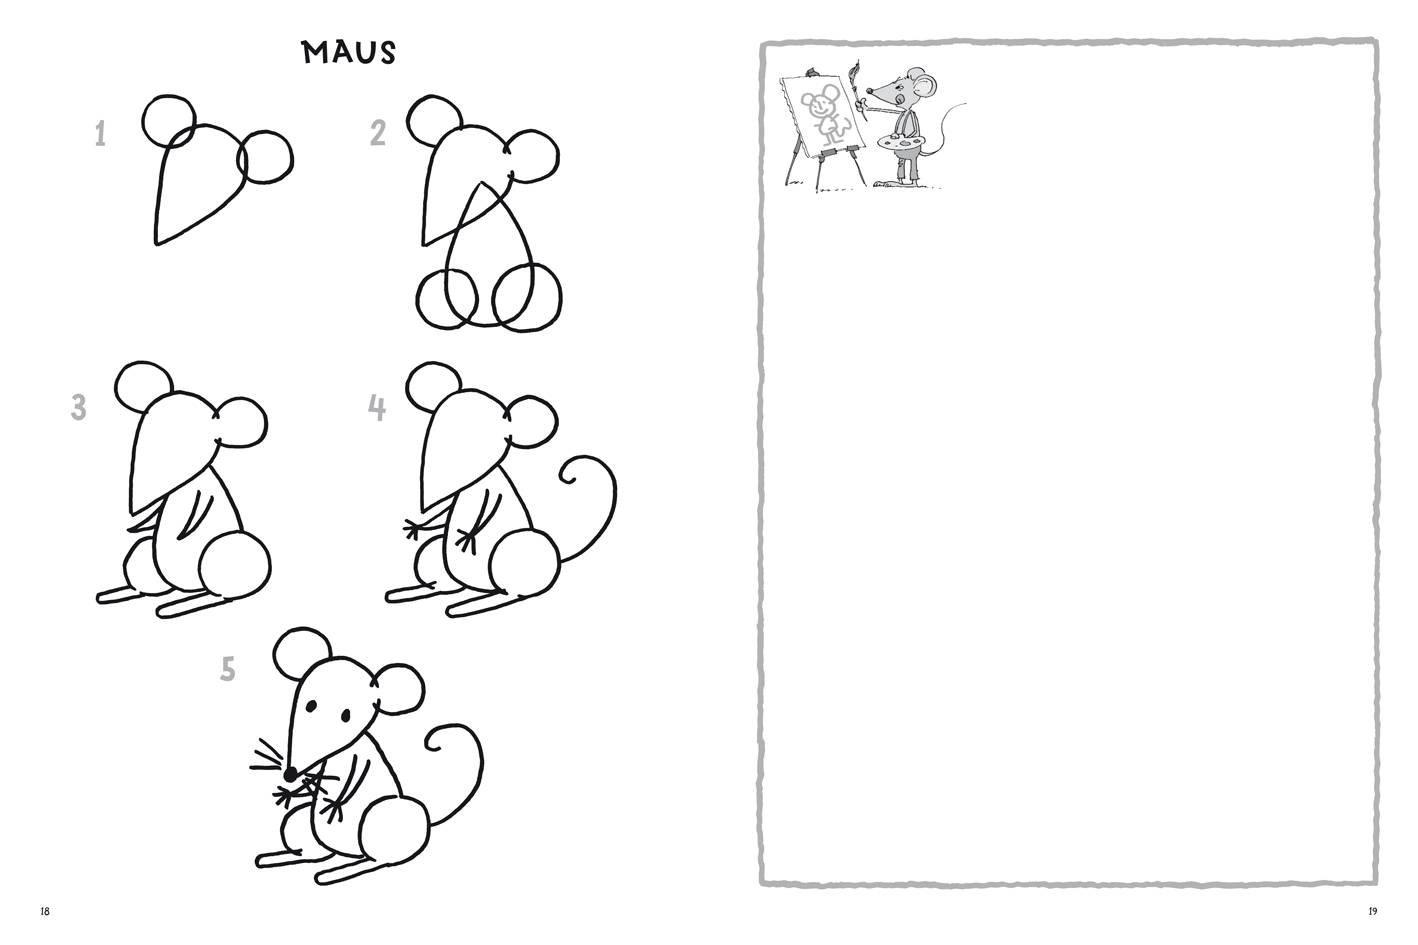 Tiere Zeichnen Schritt Für Schritt Zeichnen Lernen Ab 4 Jahren